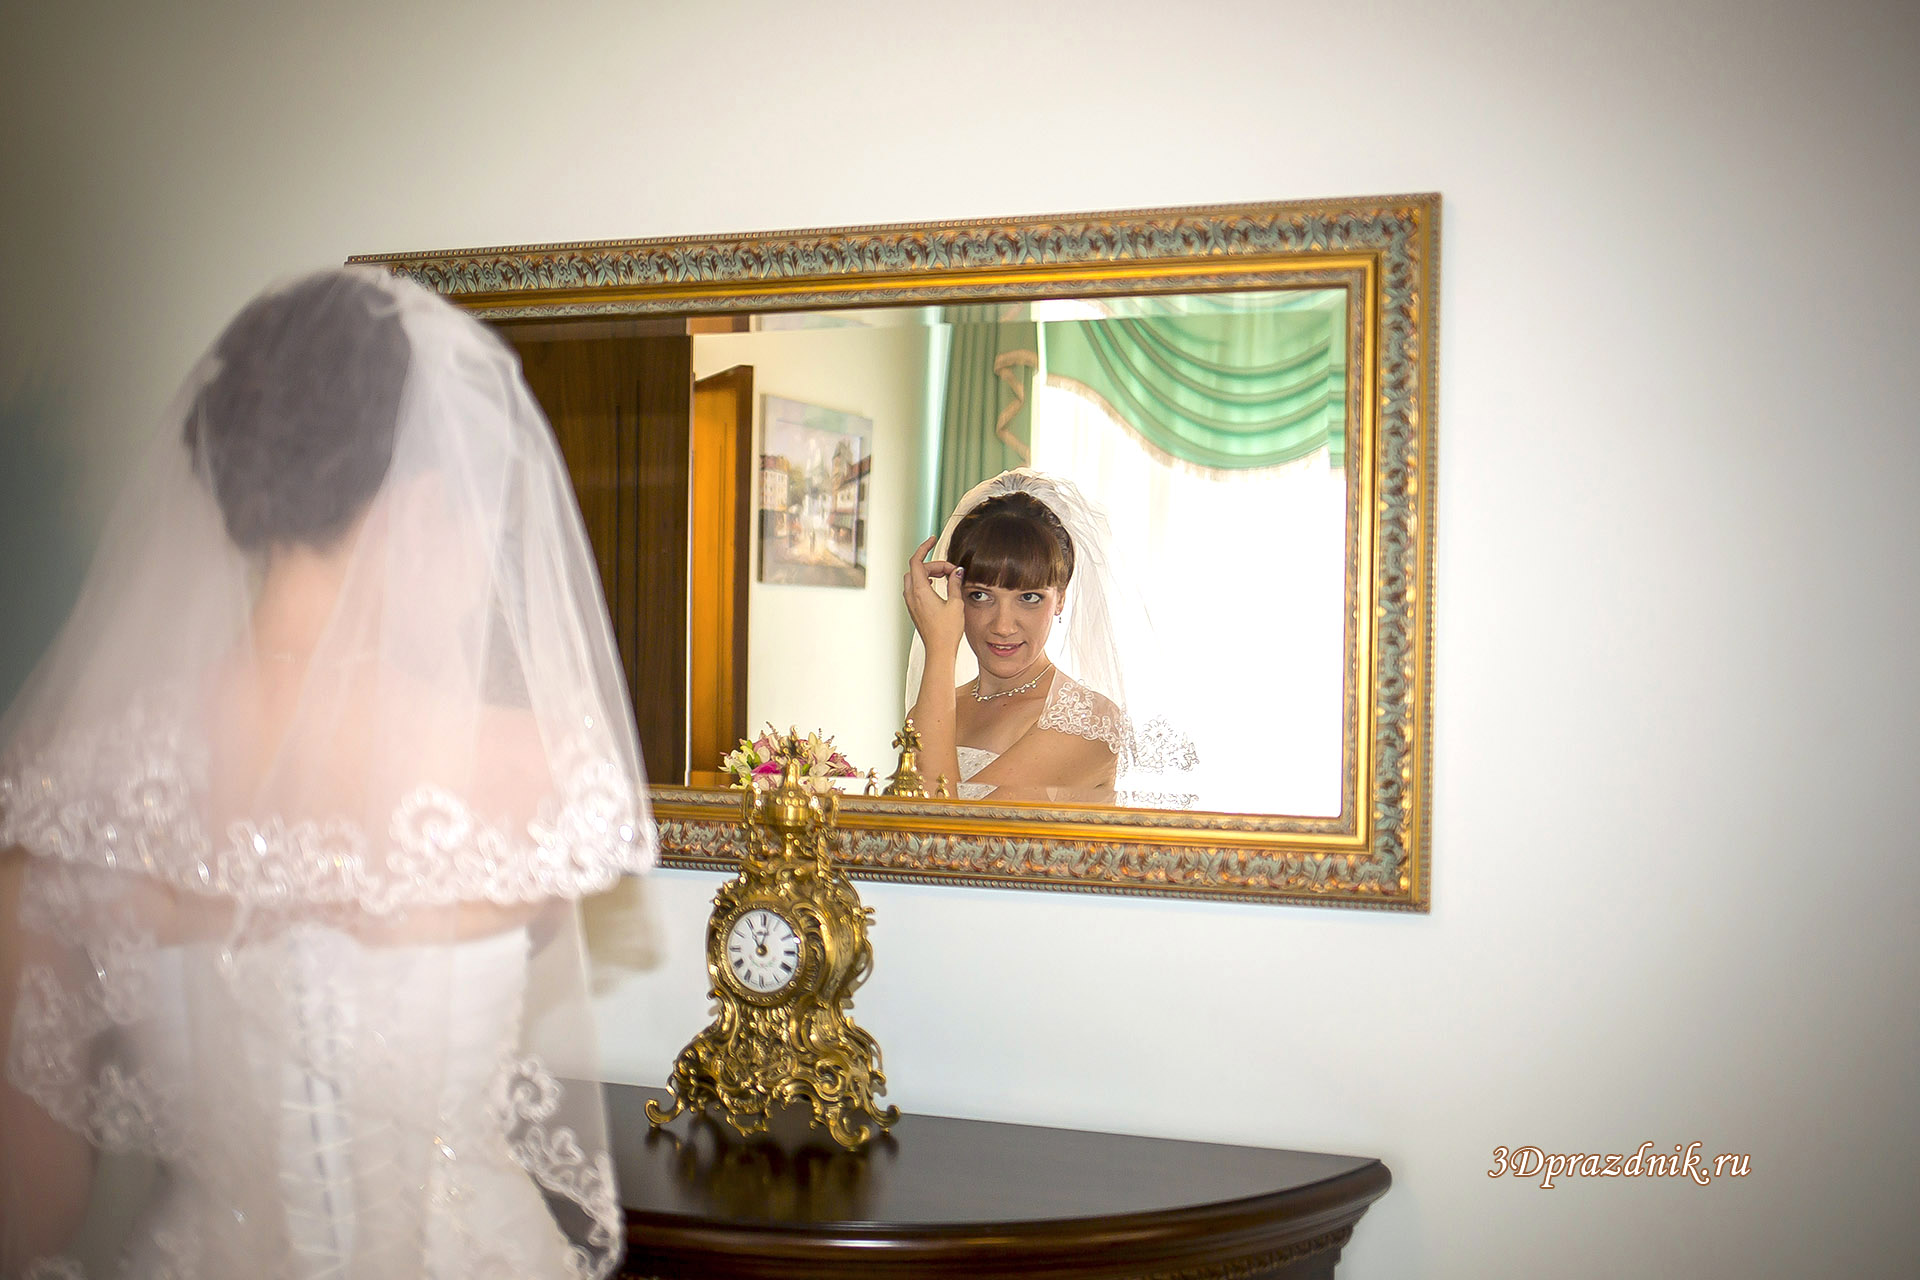 Невеста Светлана. Перед регистрацией